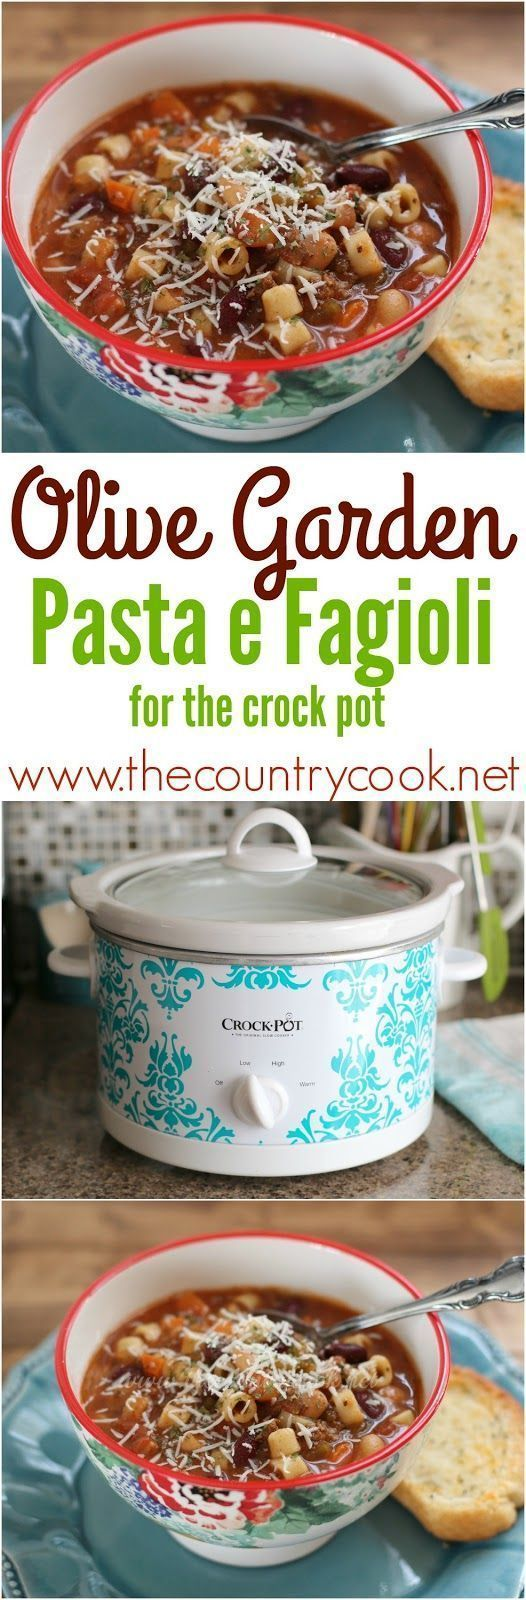 Best 25 Olive Garden Pasta Ideas On Pinterest Olive Garden Spaghetti Recipe Olive Garden